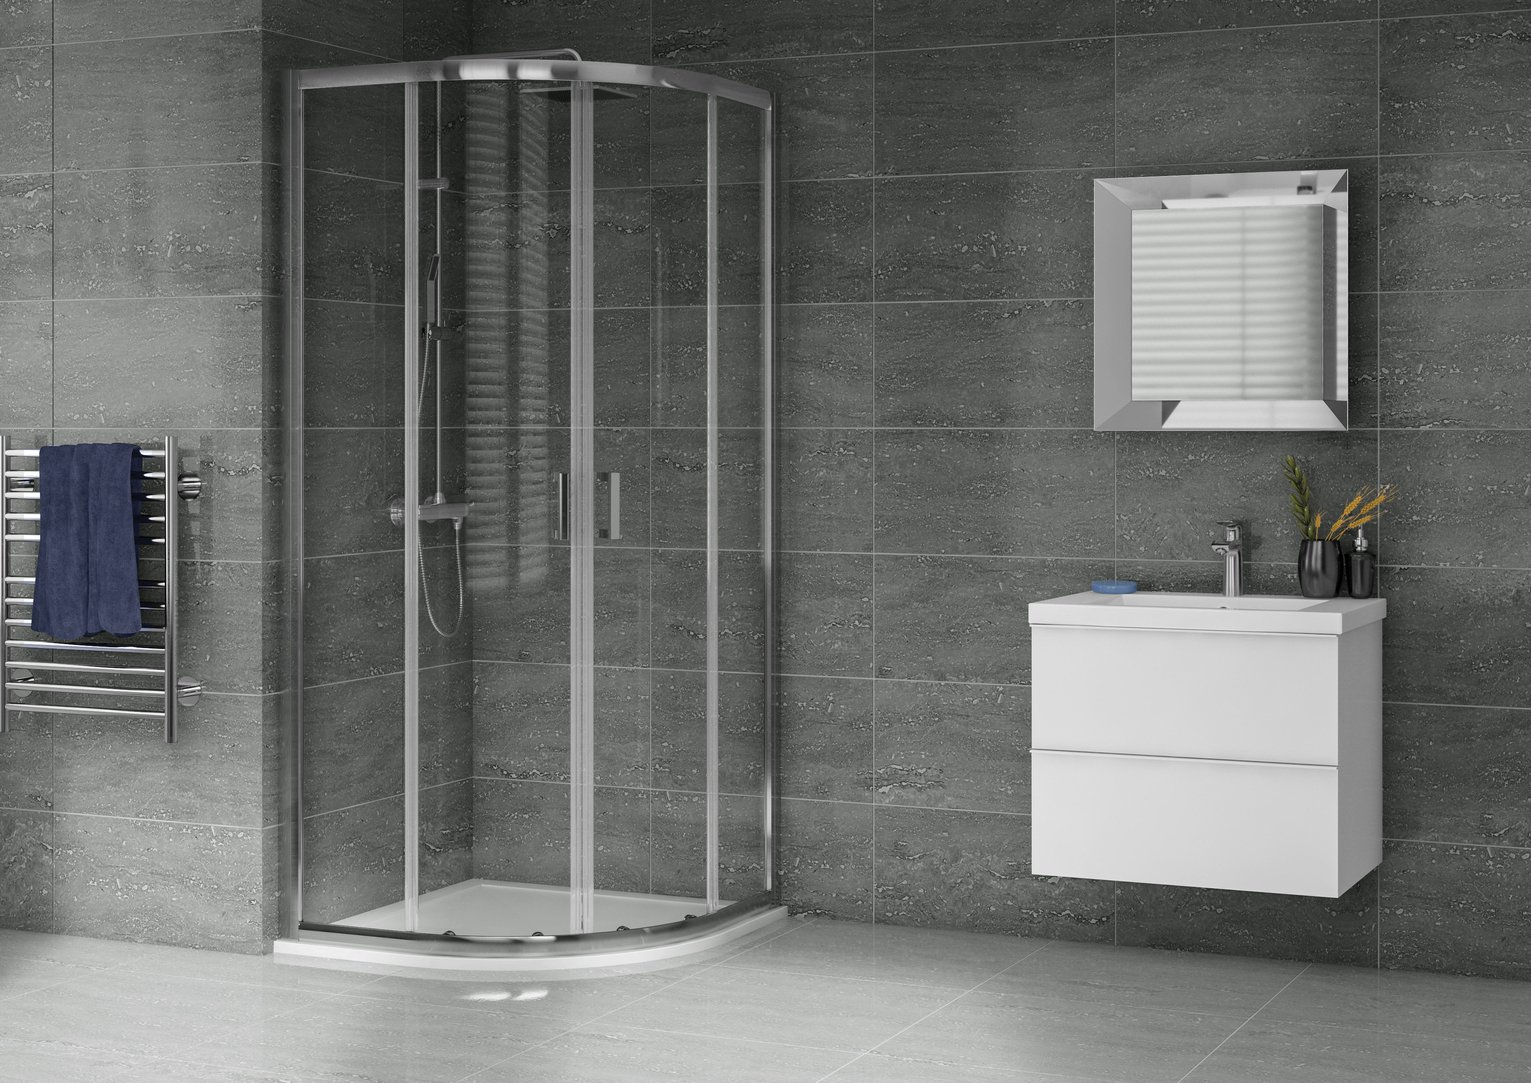 Aqualux 800mm x 800mm Quadrant Enclosure & Shower Tray